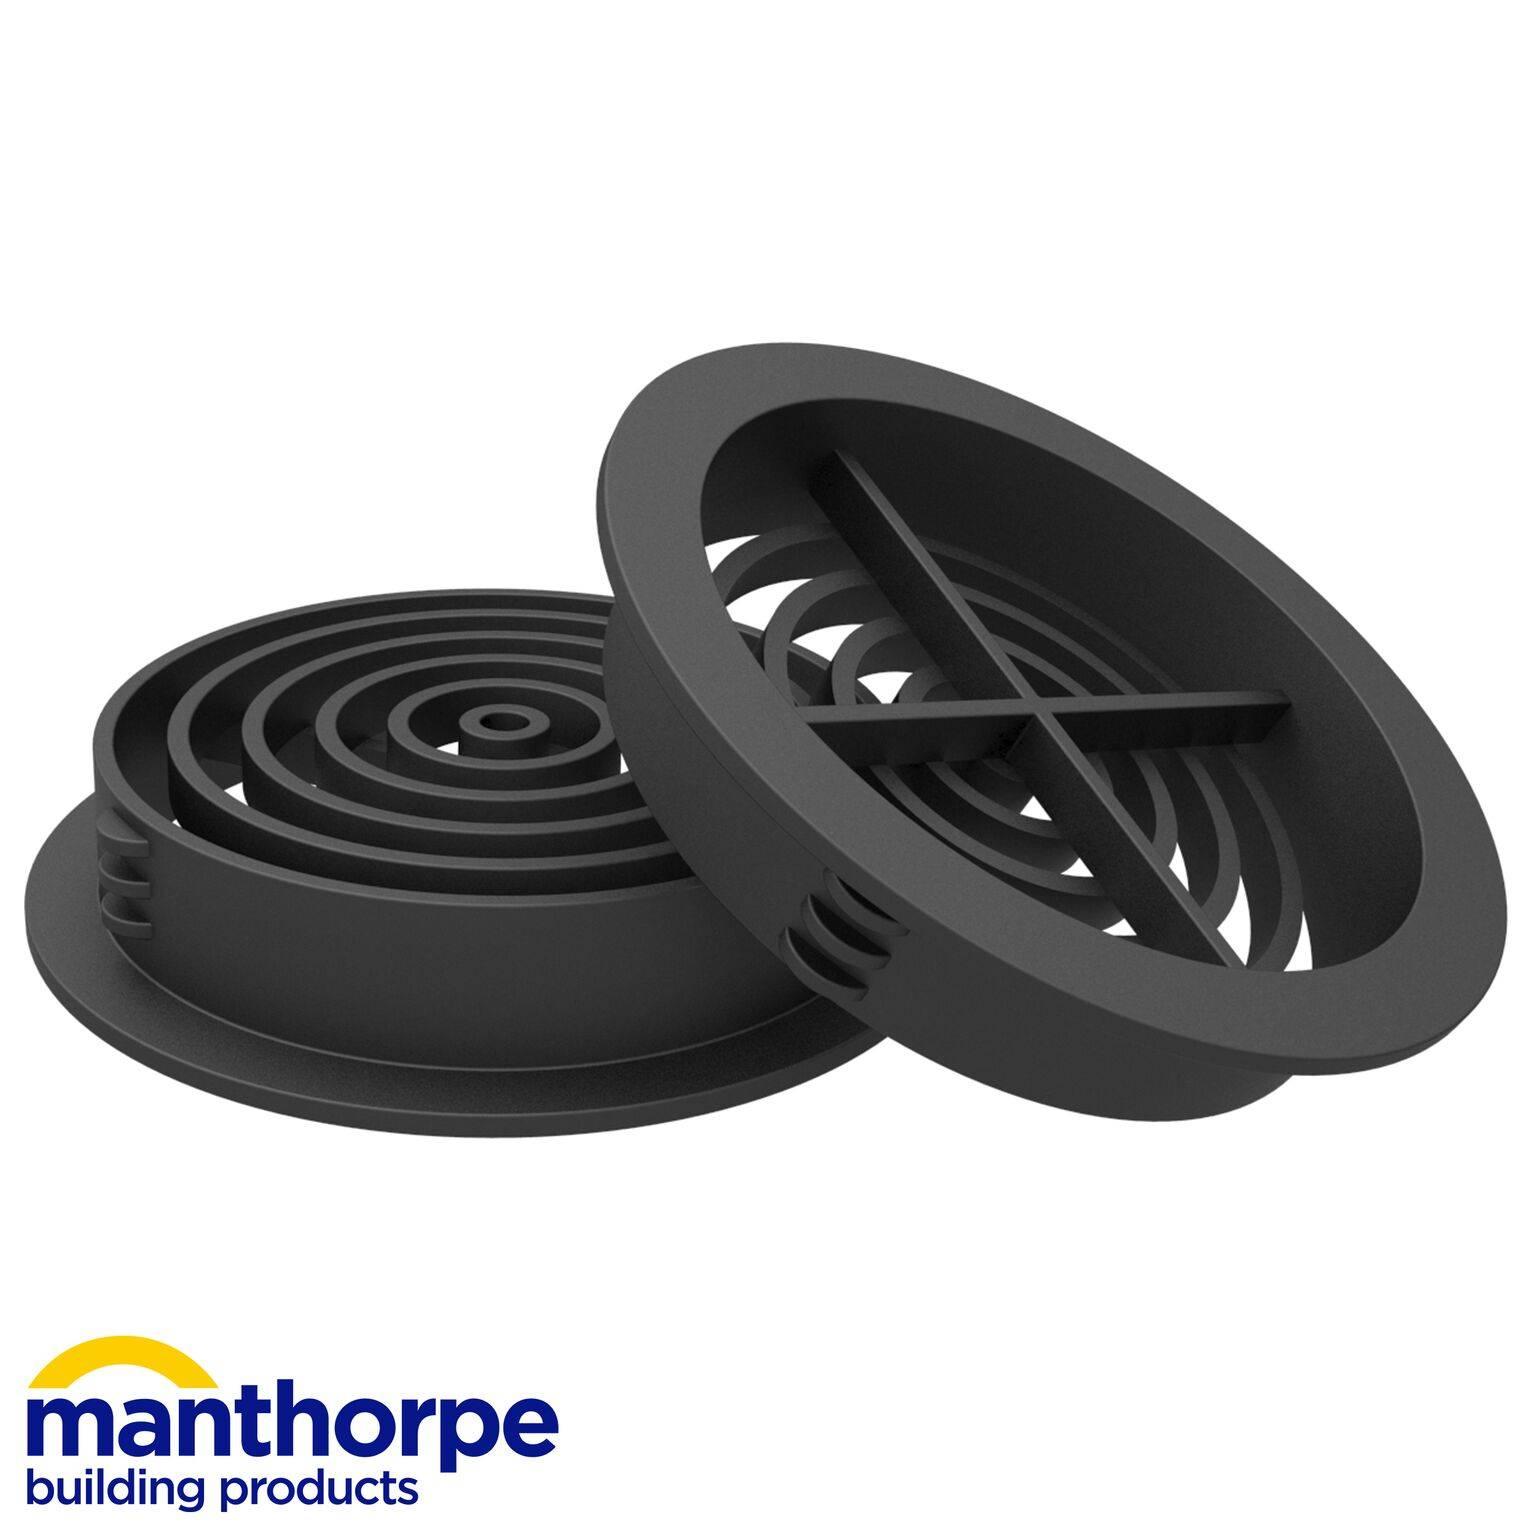 Manthorpe roofing ventilation